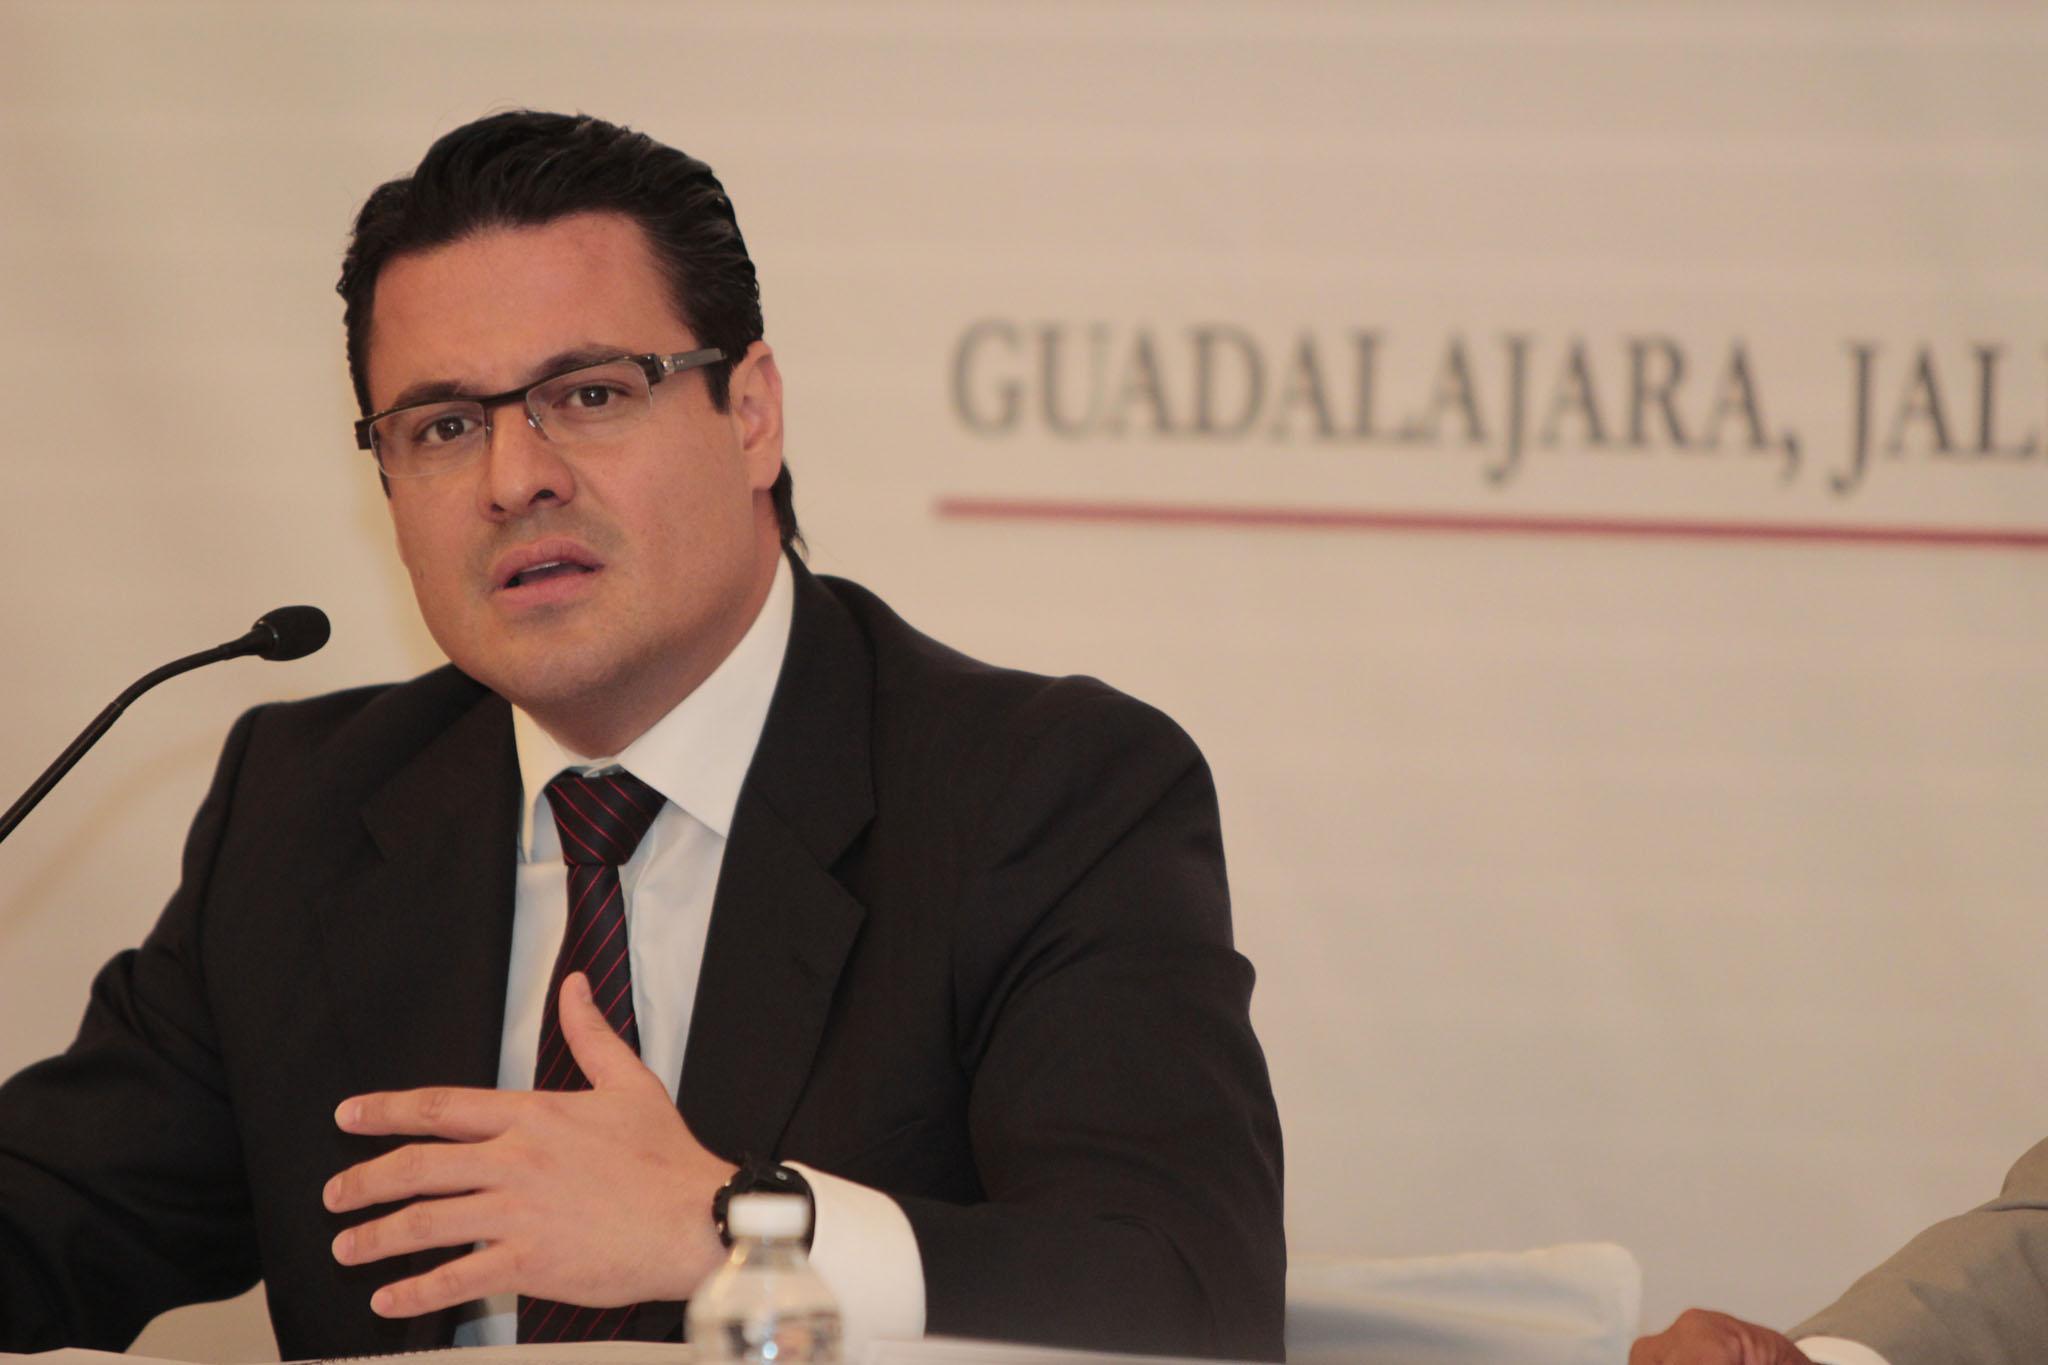 Recibe Gobernador el pliego petitorio general de demandas 2013